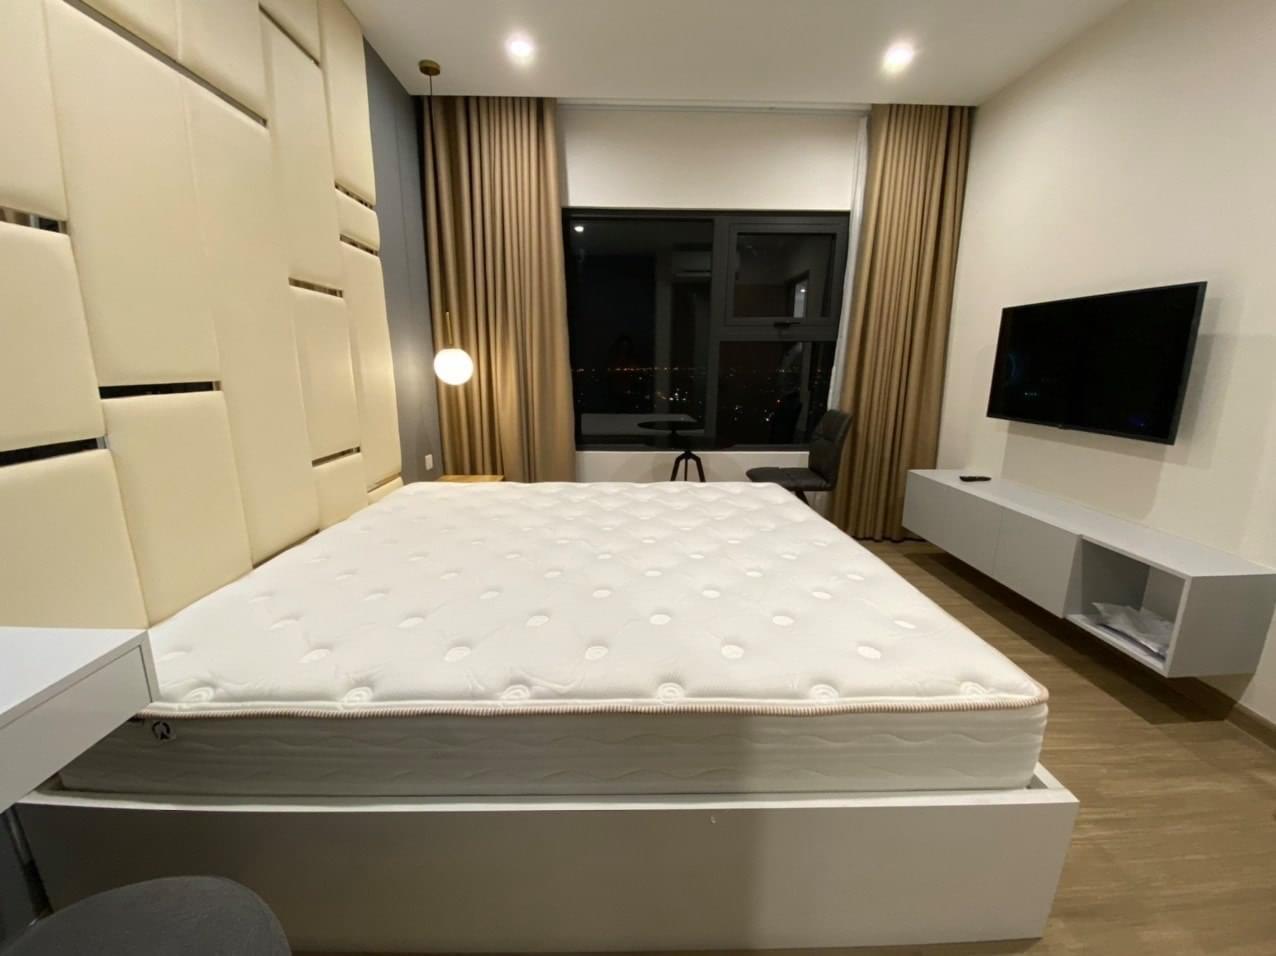 Căn hộ 3 phòng ngủ Toà S5.03 đầy đủ nội thất 12tr/tháng 8